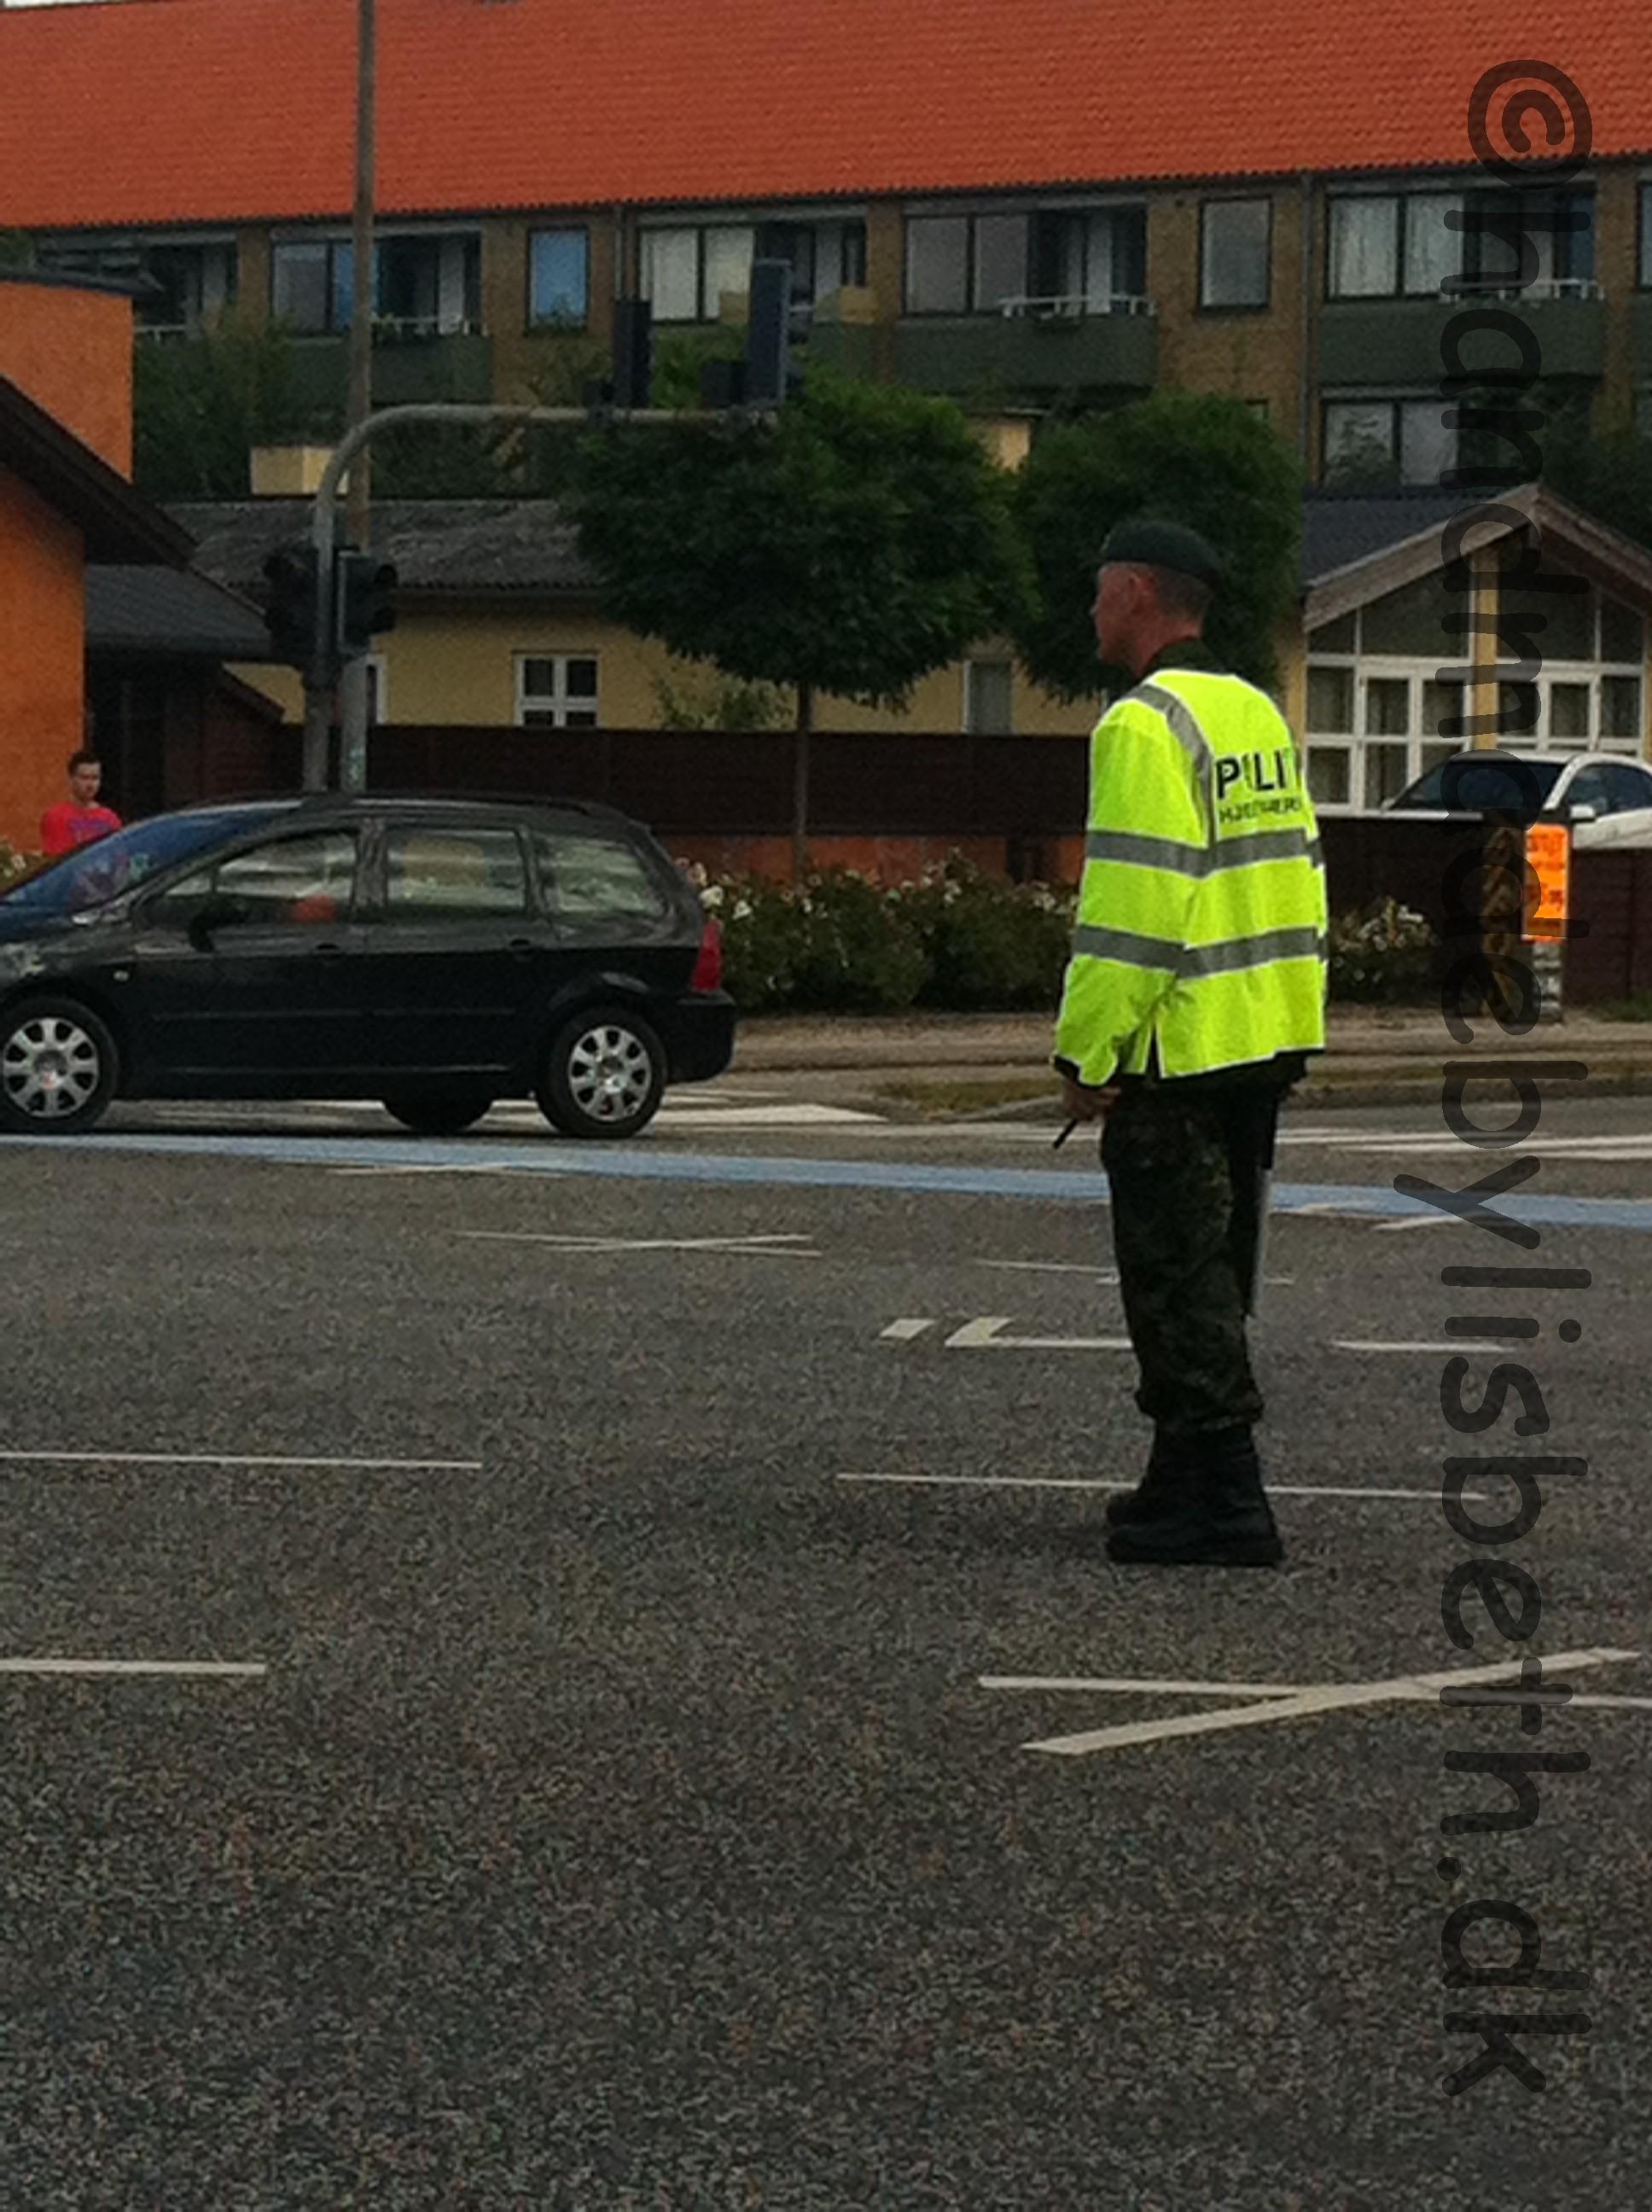 Post Danmark rundt 2013  Hjemmeværnet forsøger at styre trafikken, mens vi venter på rytterne. Helst modsat af farverne på lyskurven, så kan han nemlig få lov til at skælde lidt ud. Tilgengæld er vi tilskuere underholdt....